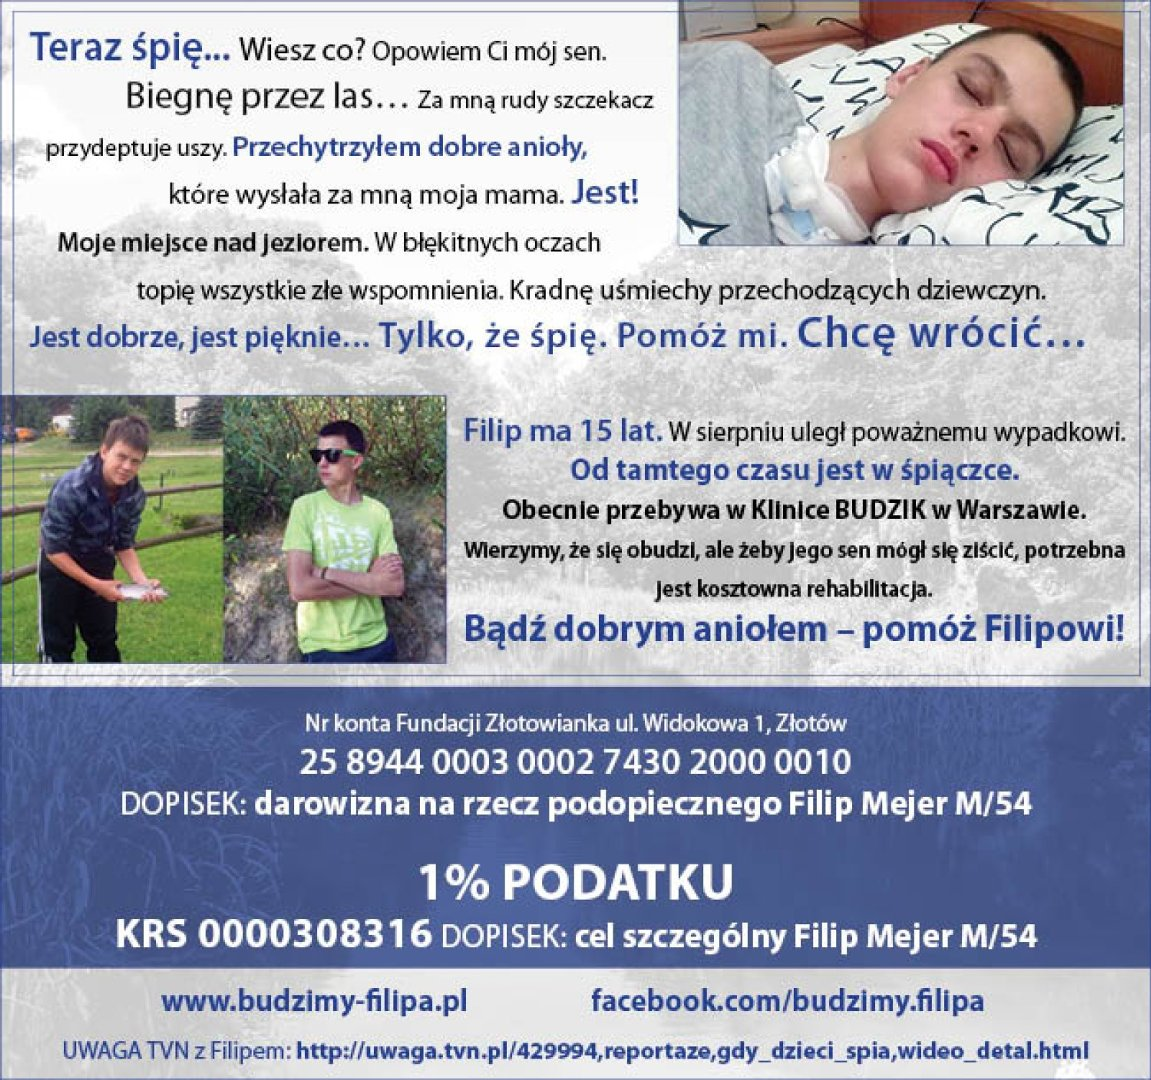 ca58bab84c Szukamy świadków wypadku będącego w śpiączce Filipa Mejera ...